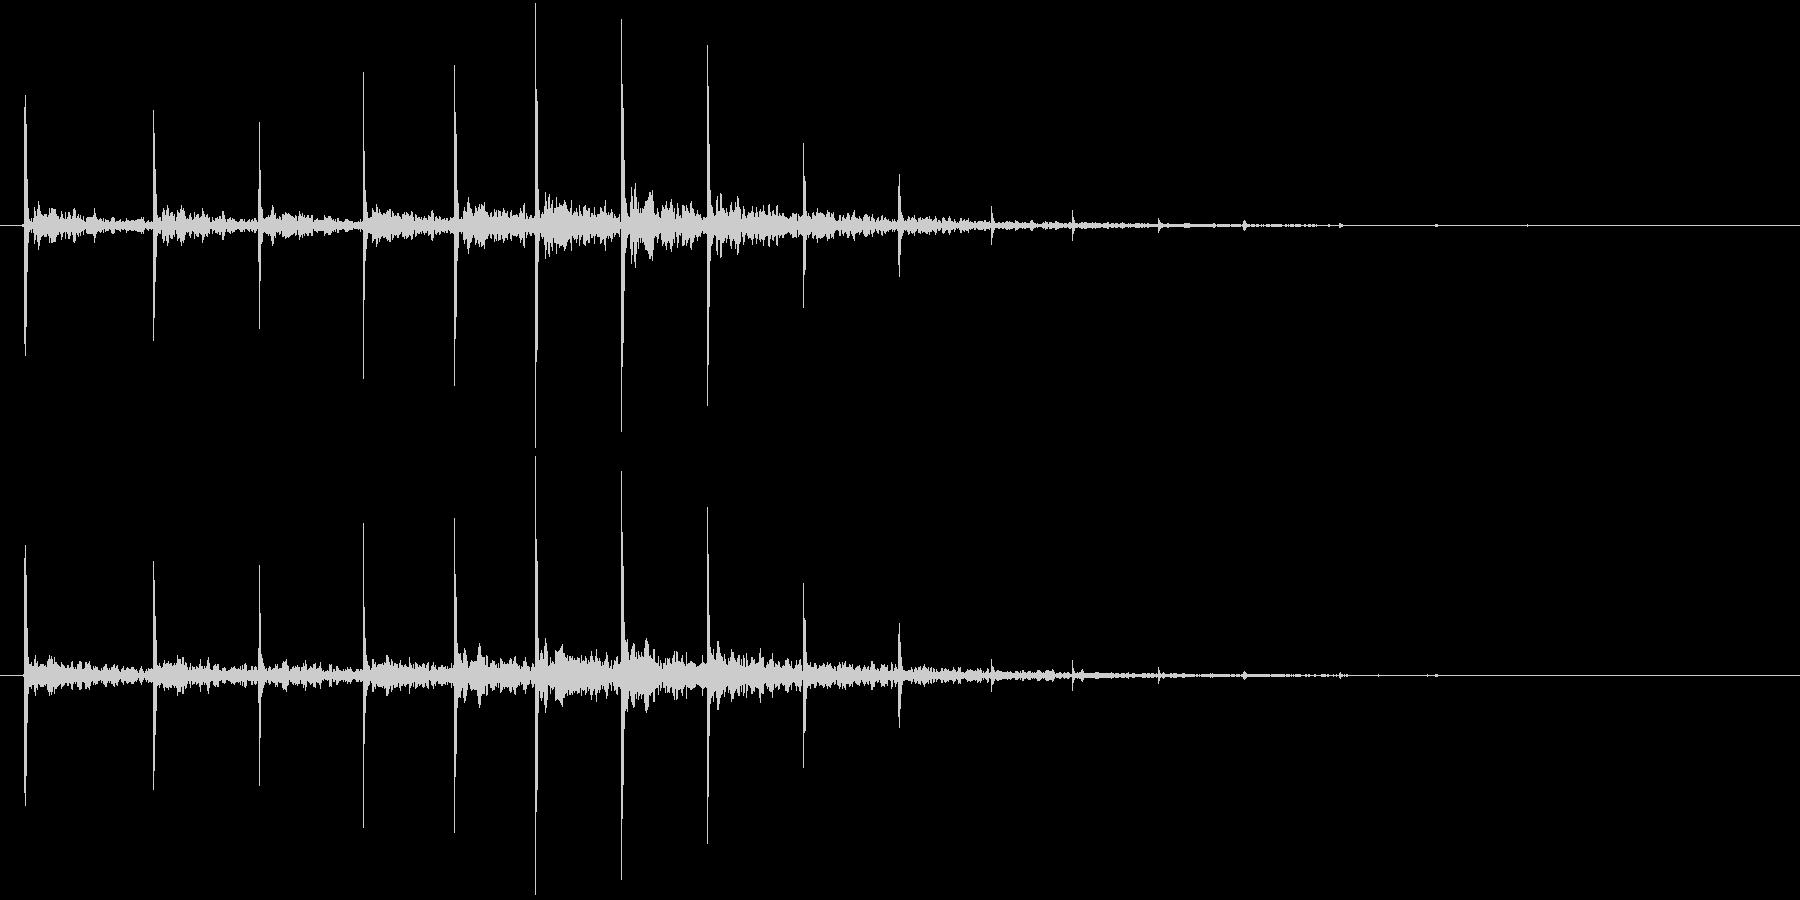 「トントン・・・」石のししおどしリバーブの未再生の波形